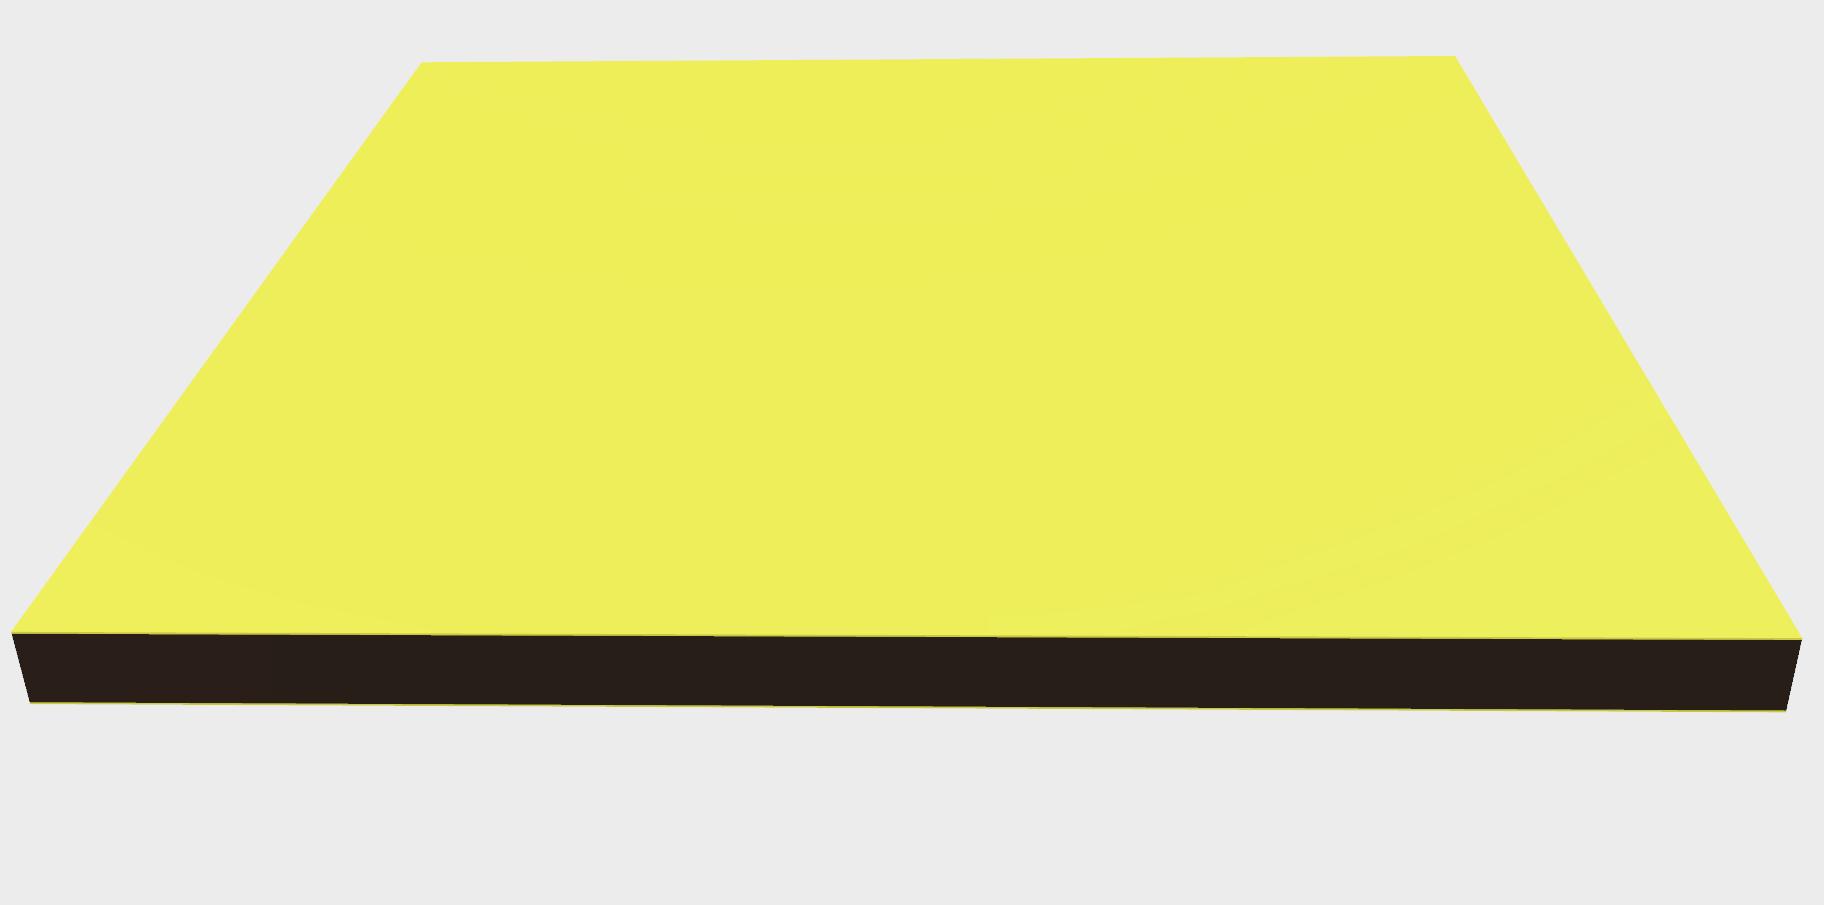 Vollkunststoff 10 mm ähnlich RAL 1034, gelb